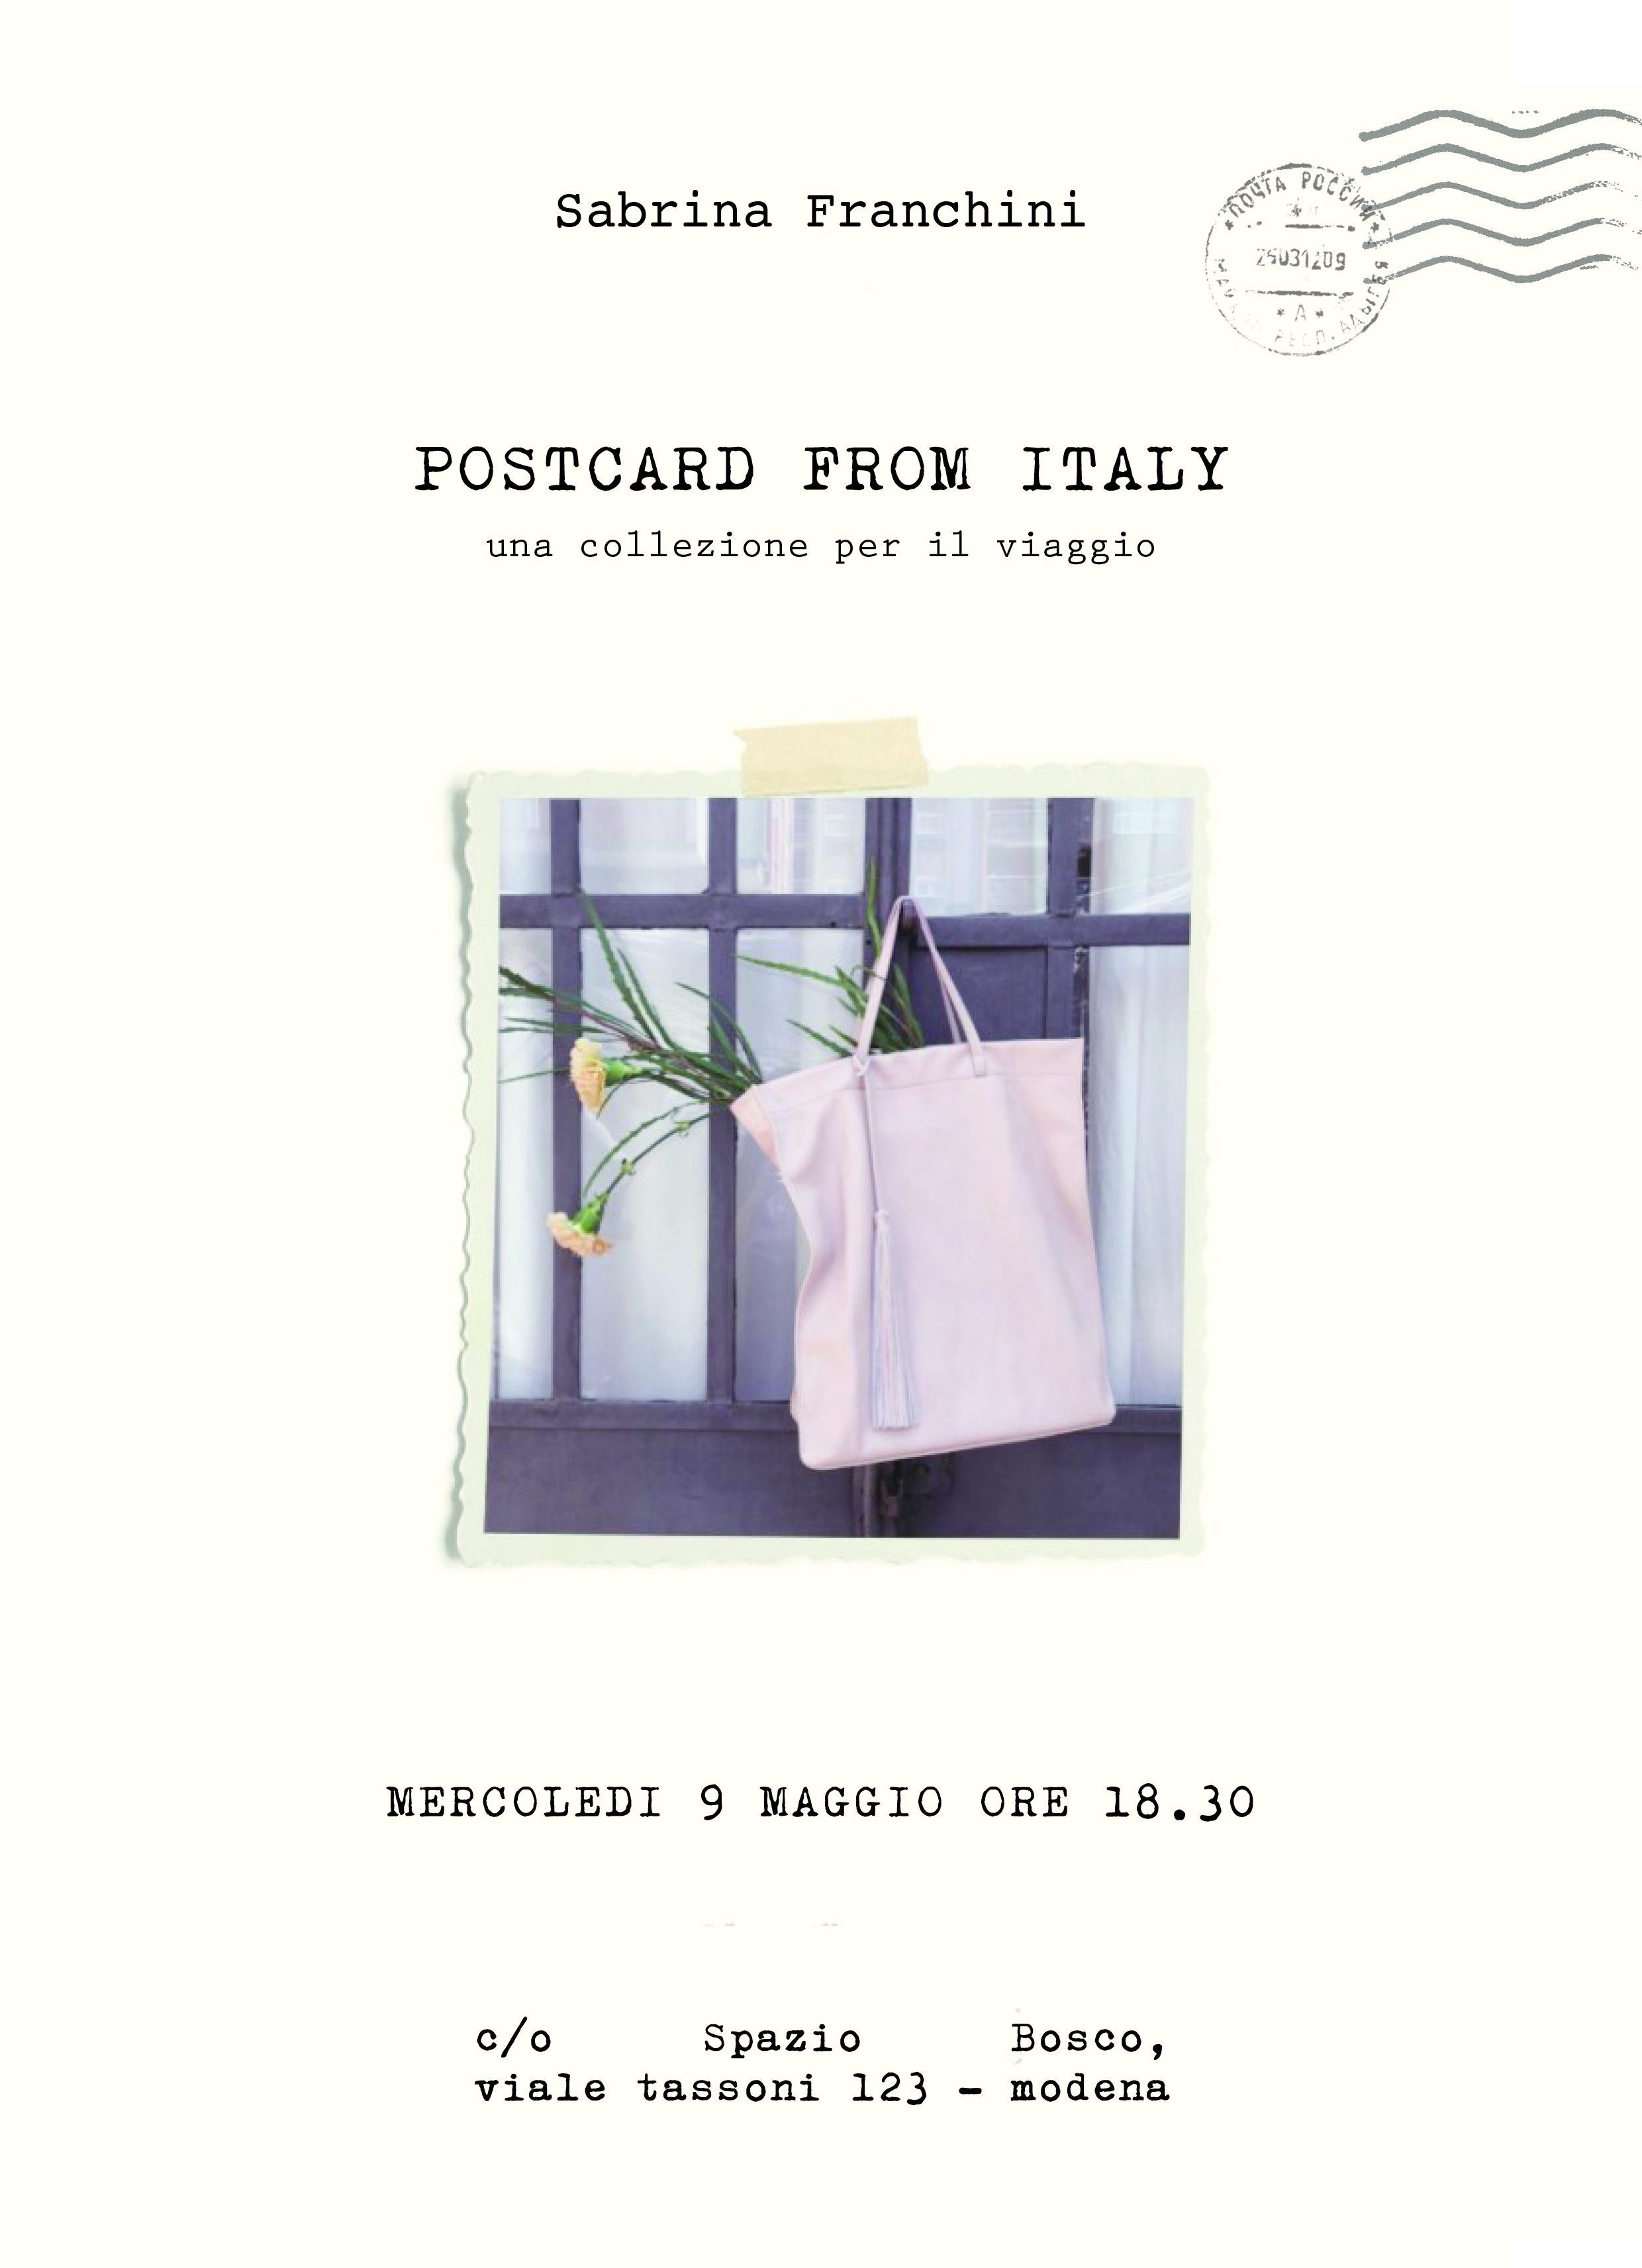 Postcard from Italy – Una collezione per il viaggio